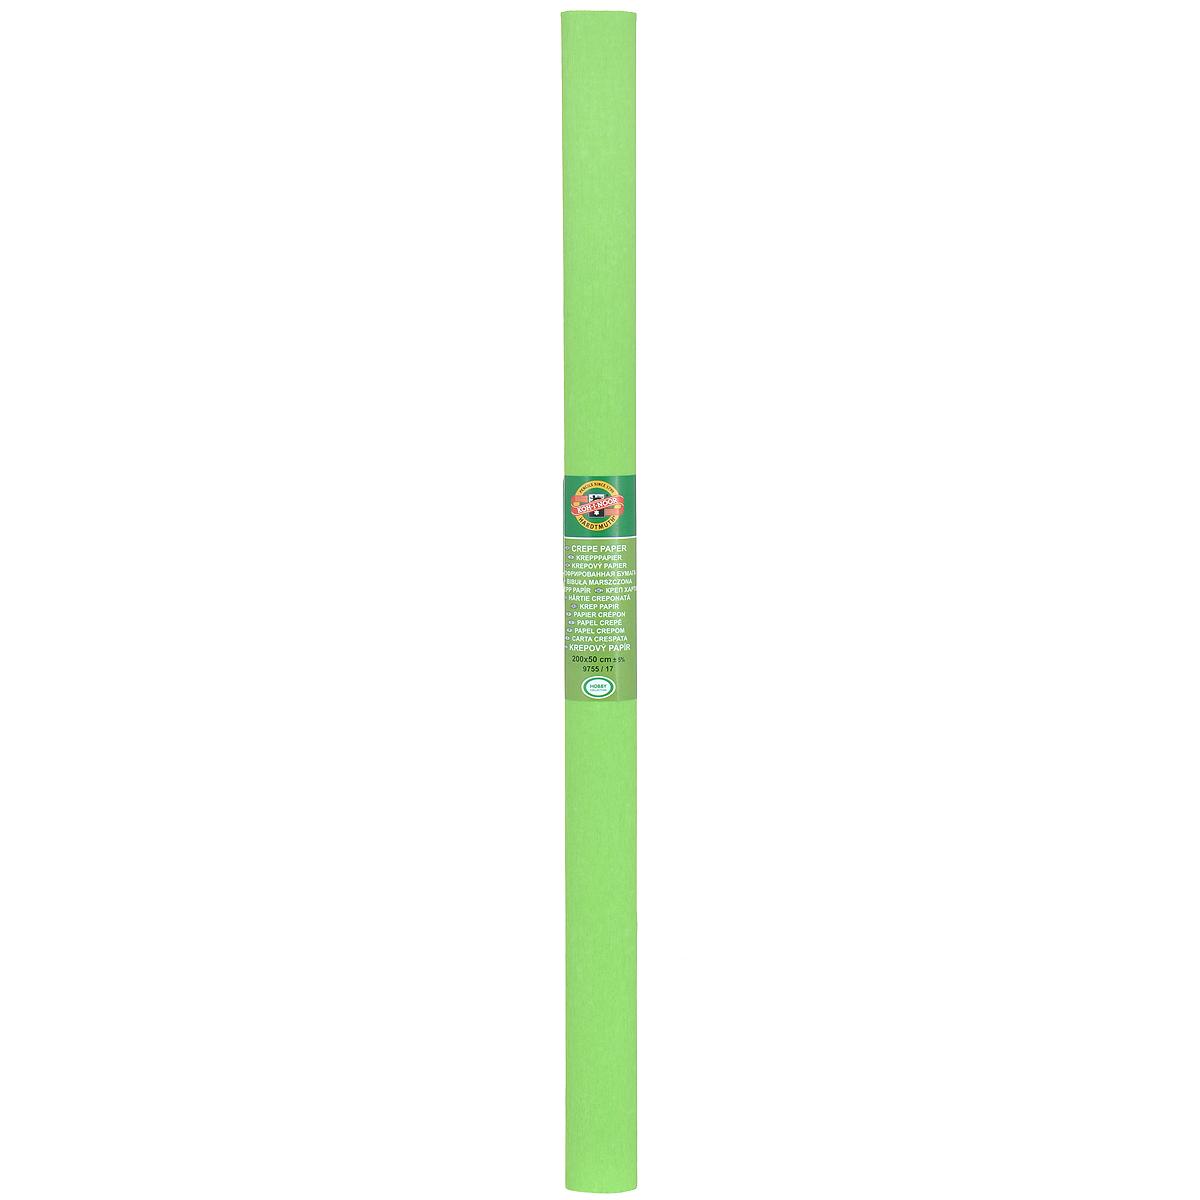 Бумага гофрированная Koh-I-Noor, цвет: светло-зеленый, 50 см x 2 м9755/17Гофрированная бумага Koh-I-Noor - прекрасный материал для декорирования, изготовления эффектной упаковки и различных поделок. Бумага прекрасно держит форму, не пачкает руки, отлично крепится и замечательно подходит для изготовления праздничной упаковки для цветов.